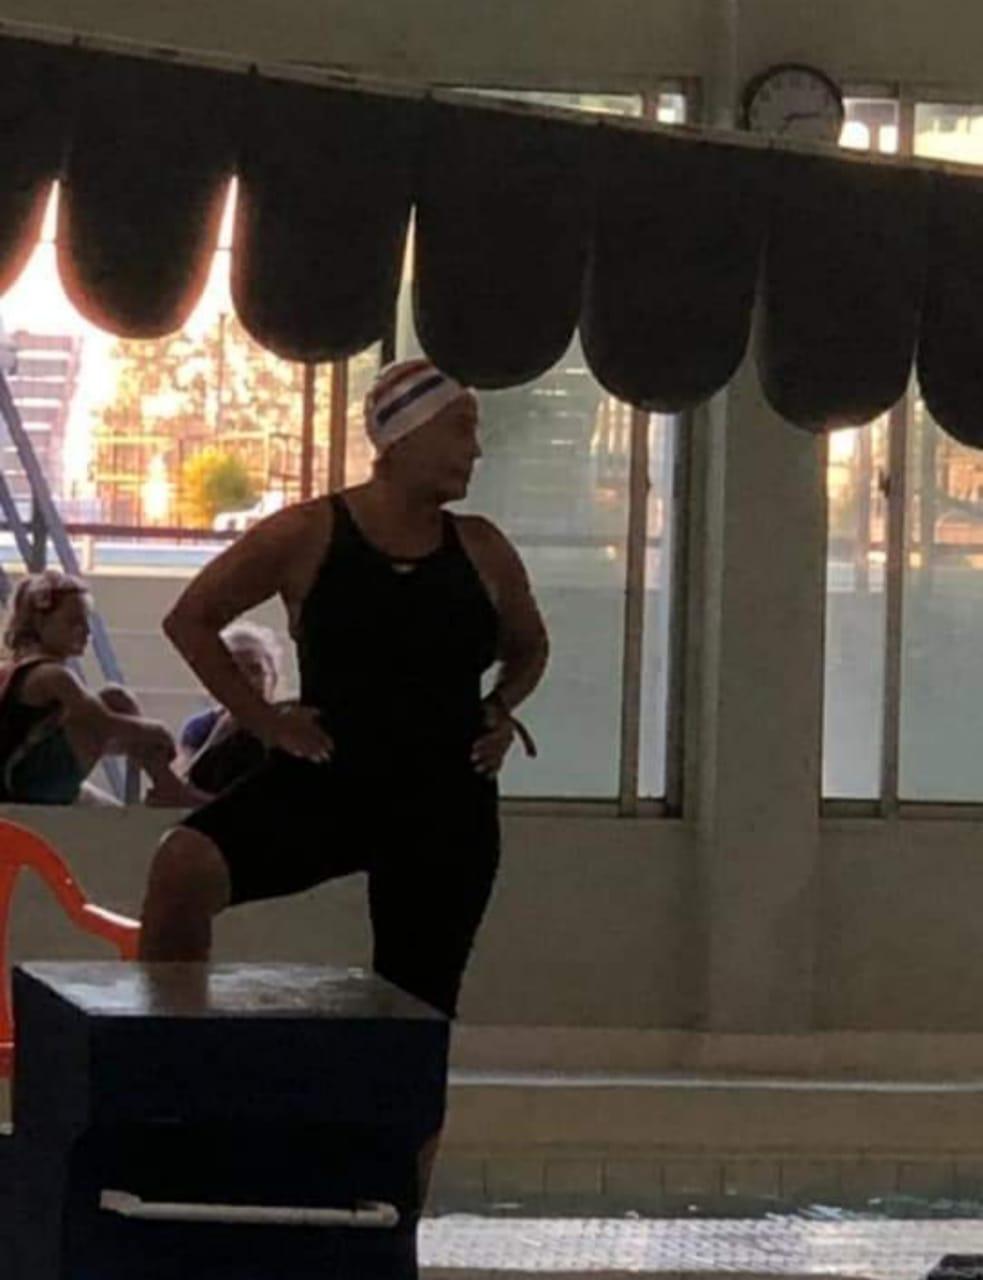 Gilda es nadadora máster y compite internacionalmente. Foto: Gentileza.